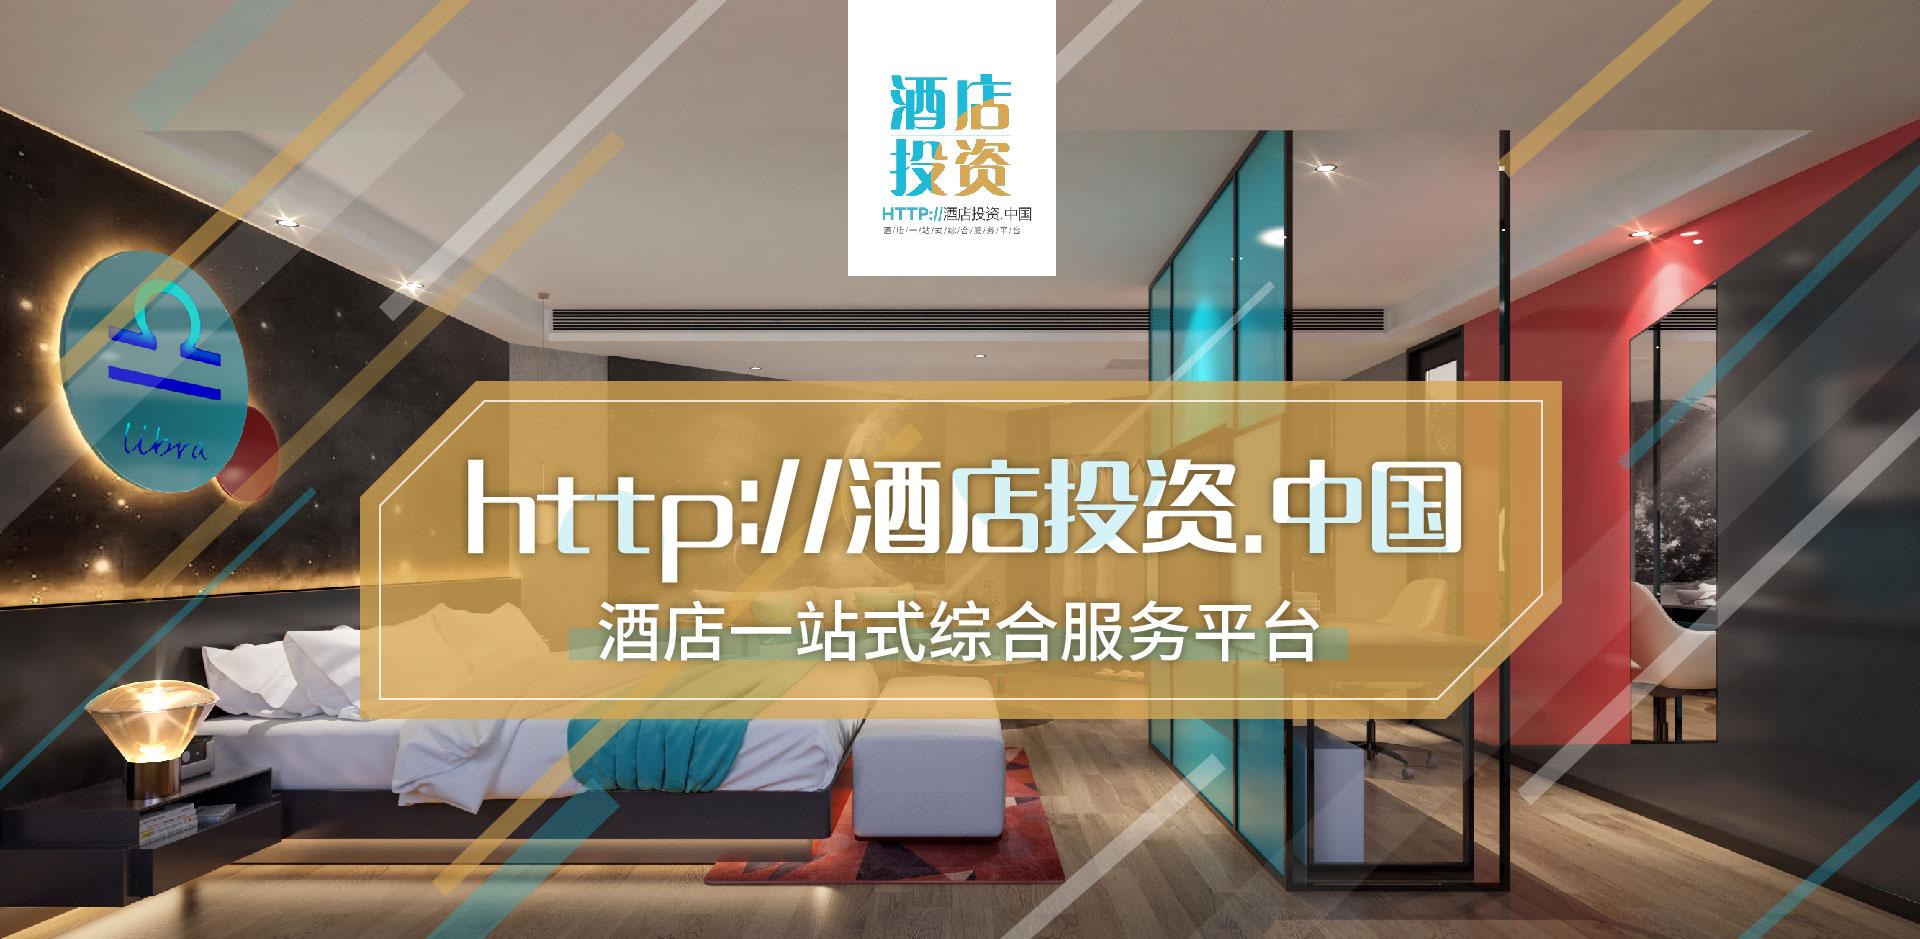 酒店投资·中国jdtz_01